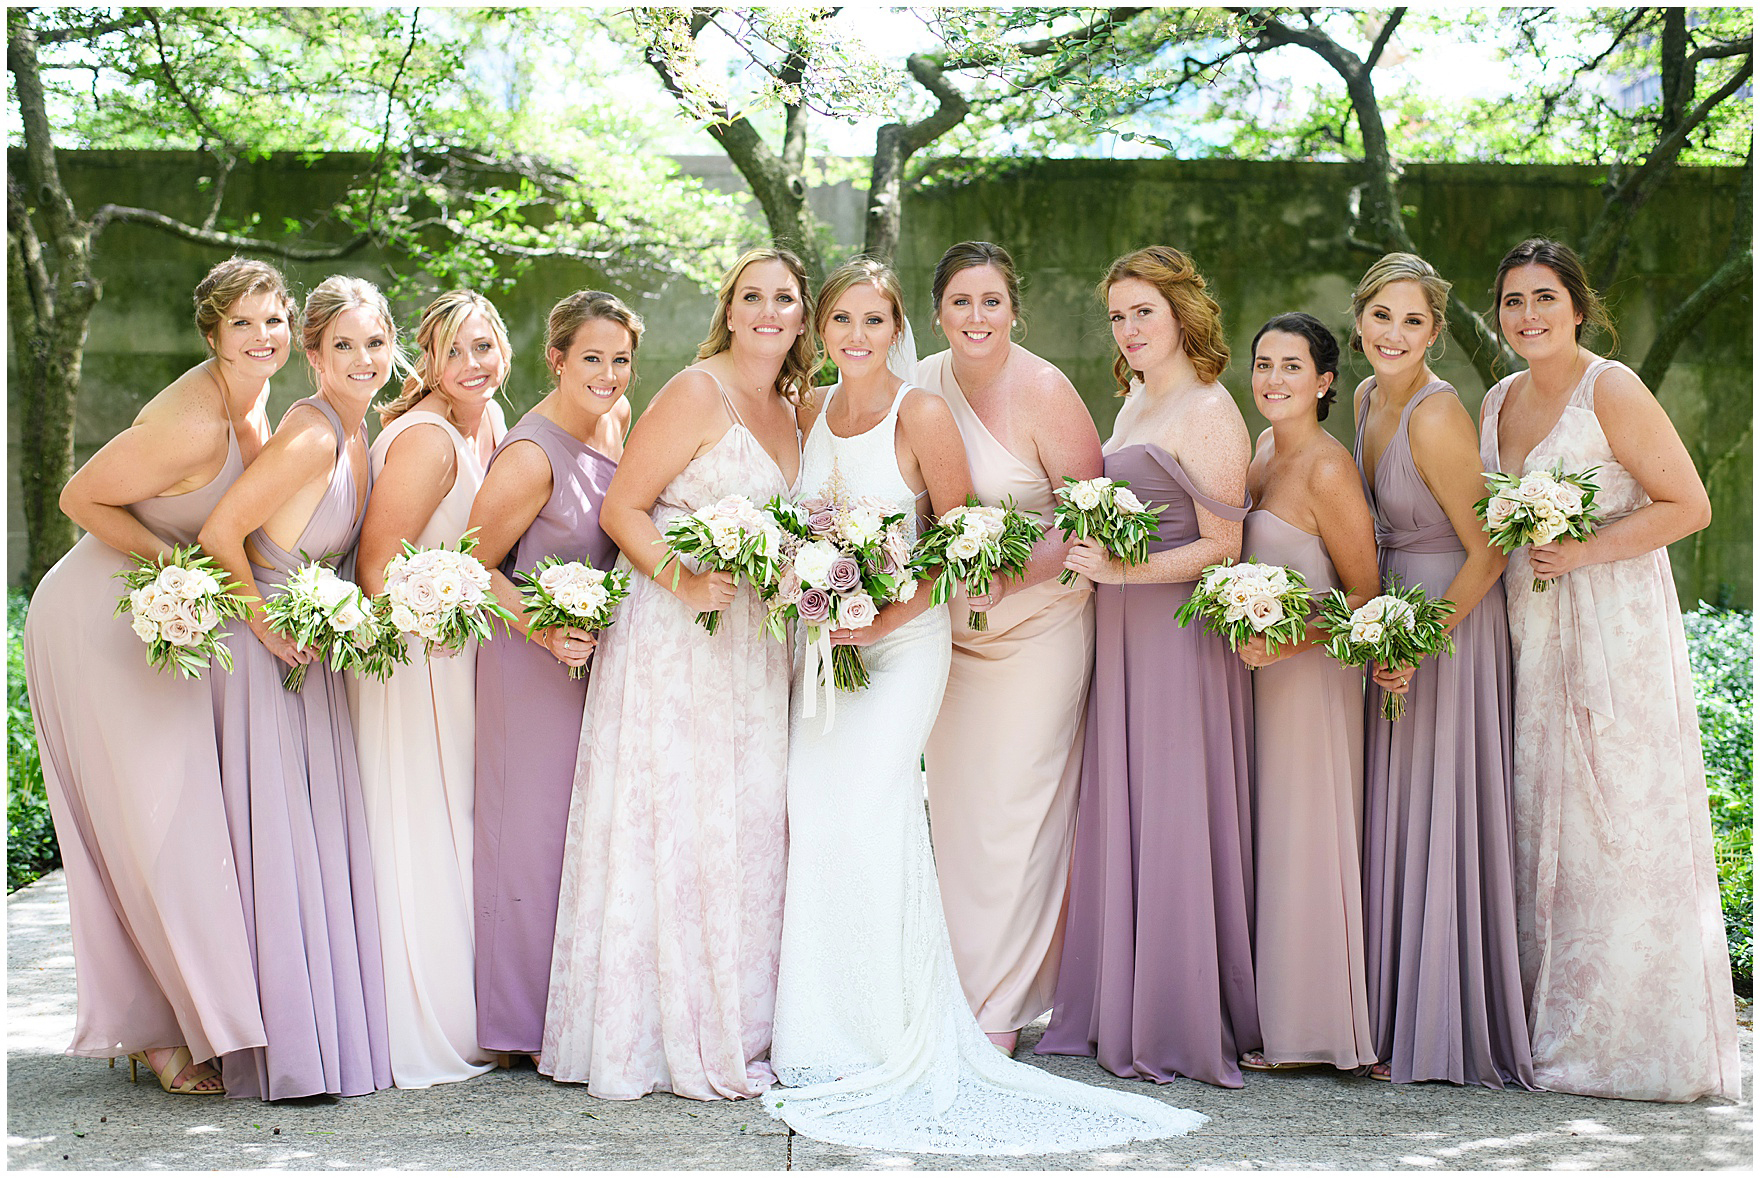 Indigo Floral Co. Bridesmaids